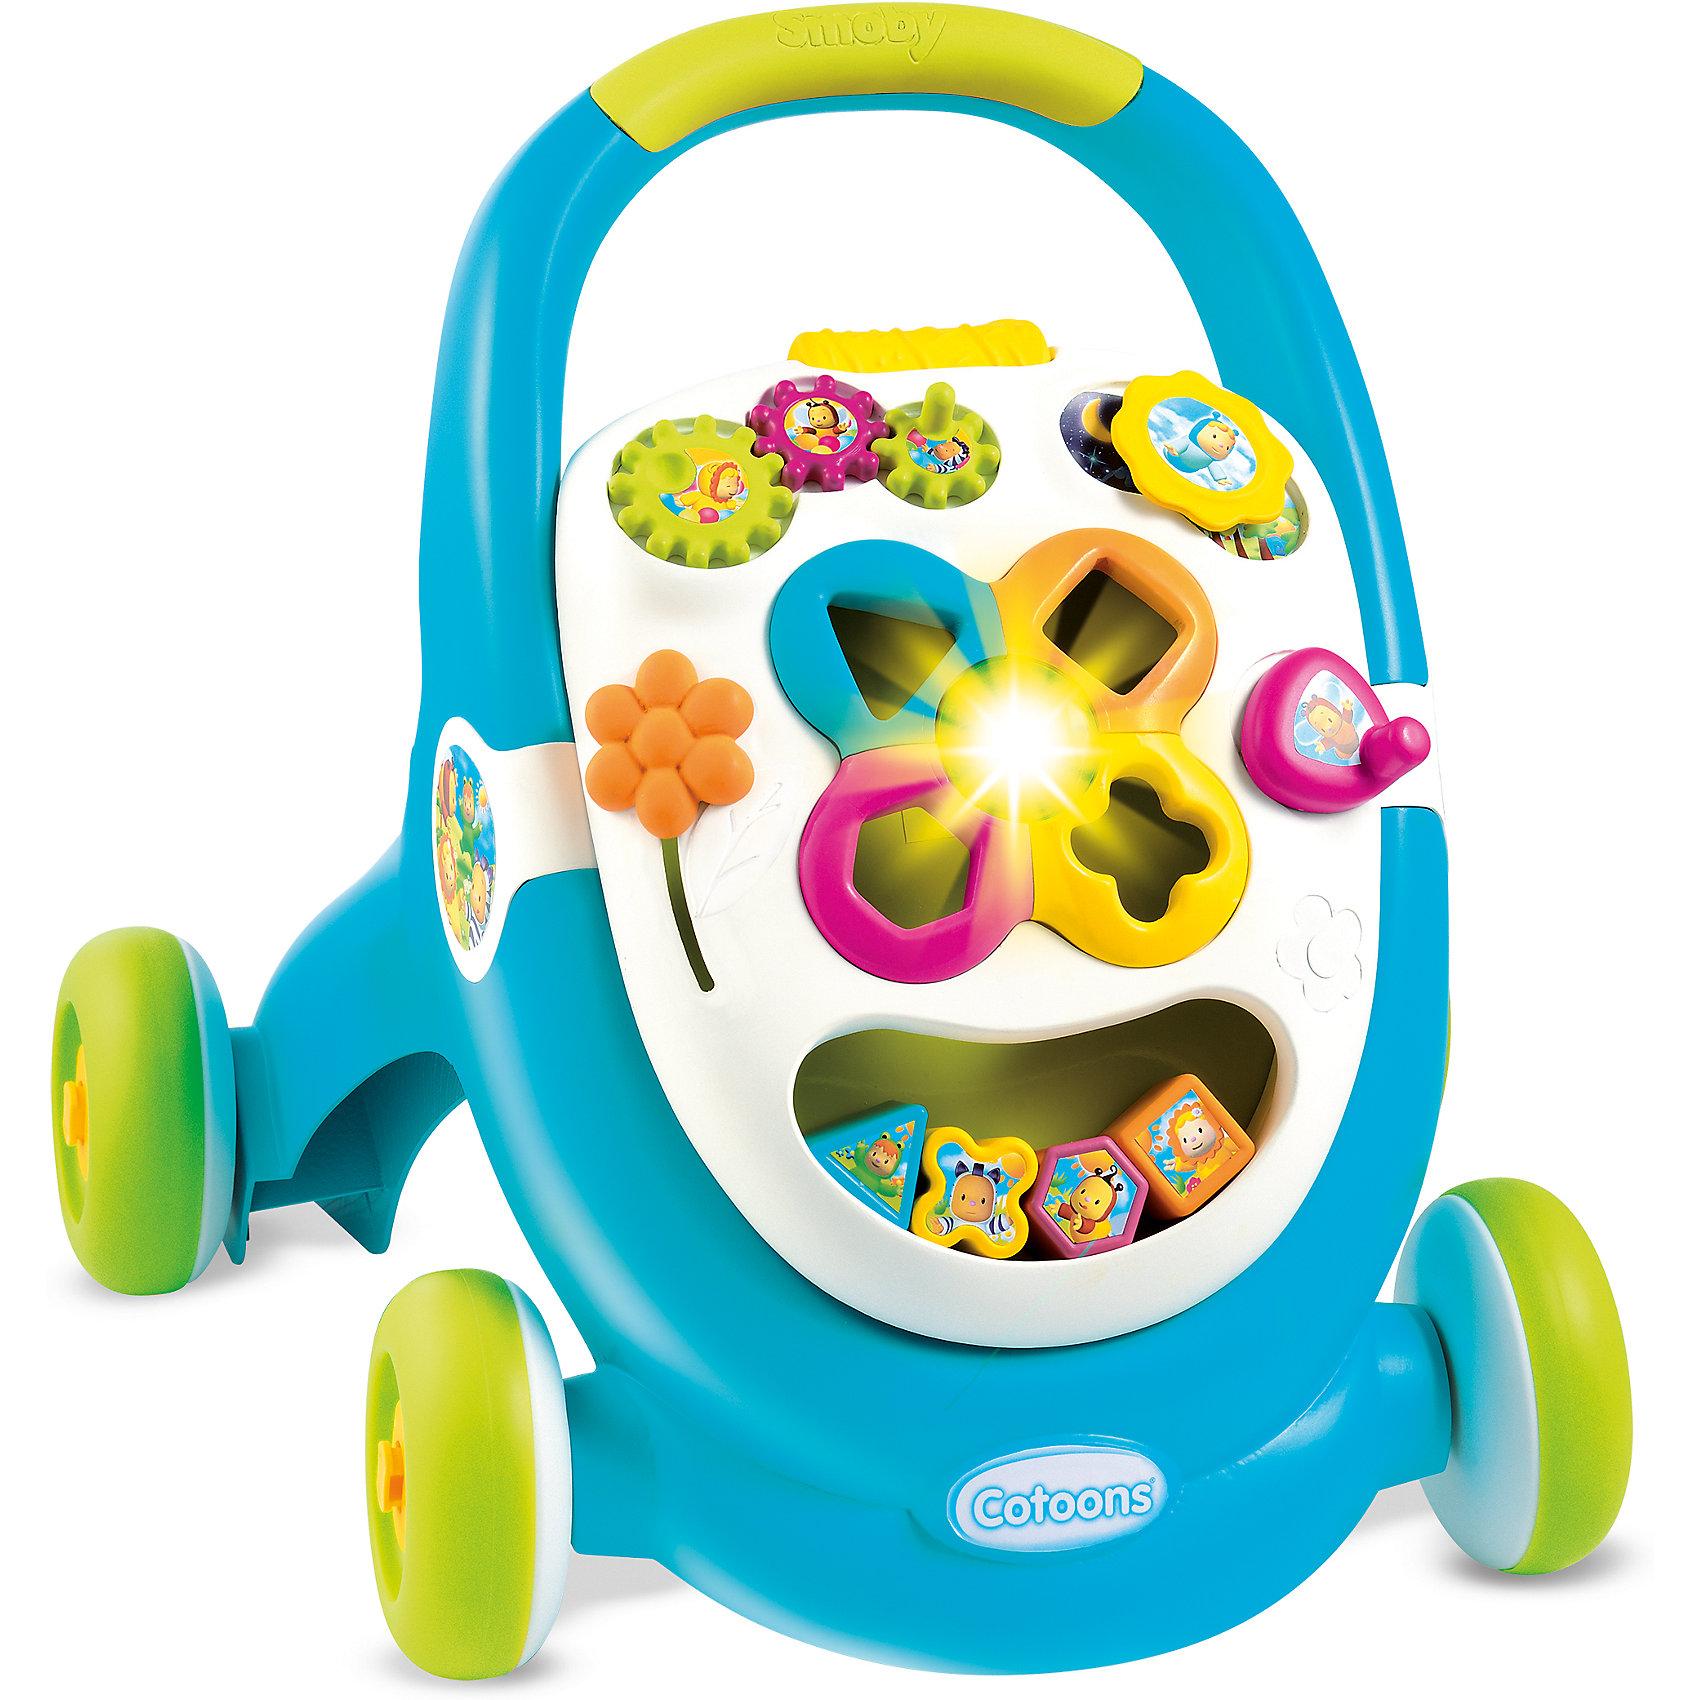 Развивающая каталка Ходунки, синяя, SmobyИгрушки для малышей<br>Характеристики товара:<br><br>• возраст от 1 года<br>• материал: пластик<br>• тип батареек: 2 x AG13 / LR44 (миниатюрные)<br>• наличие батареек: взодят в комплект<br>• колёса каталки блокируются<br>• панель со звуком и светом<br>• под ручкой каталки отделение для игрушек<br>• размер каталки 43х51х47 см<br>• размер упаковки 45х57х18 см<br>• вес упаковки 2,7 кг<br>• страна бренда: Франция<br>• страна производитель: Франция<br><br>Развивающая каталка «Ходунки» Smoby — игрушка для малыша, с помощью которой малыш будет учиться ходить. Держась за поручень, малыш начнет делать свои первые шаги и учиться держать равновесие и координировать движения. <br><br>На передней панели каталки расположена игровая панель, оснащенная звуком и светом. На ней малыш найдет развивающие игрушки: яркий сортер с кубиками, шестеренки и рычажок. Развивающие игрушки способствуют развитию мелкой моторики рук, цветового восприятия, тактильных ощущений, логики. На время игр колеса каталки блокируются, чтобы она не двигалась с места. <br><br>Игрушка изготовлена из безопасного качественного пластика с использованием нетоксичных красителей. Работает от 2 батареек LR44 (в комплекте).<br><br>Развивающую каталку «Ходунки» Smoby можно приобрести в нашем интернет-магазине.<br><br>Ширина мм: 443<br>Глубина мм: 564<br>Высота мм: 173<br>Вес г: 2685<br>Возраст от месяцев: 12<br>Возраст до месяцев: 2147483647<br>Пол: Мужской<br>Возраст: Детский<br>SKU: 5544431